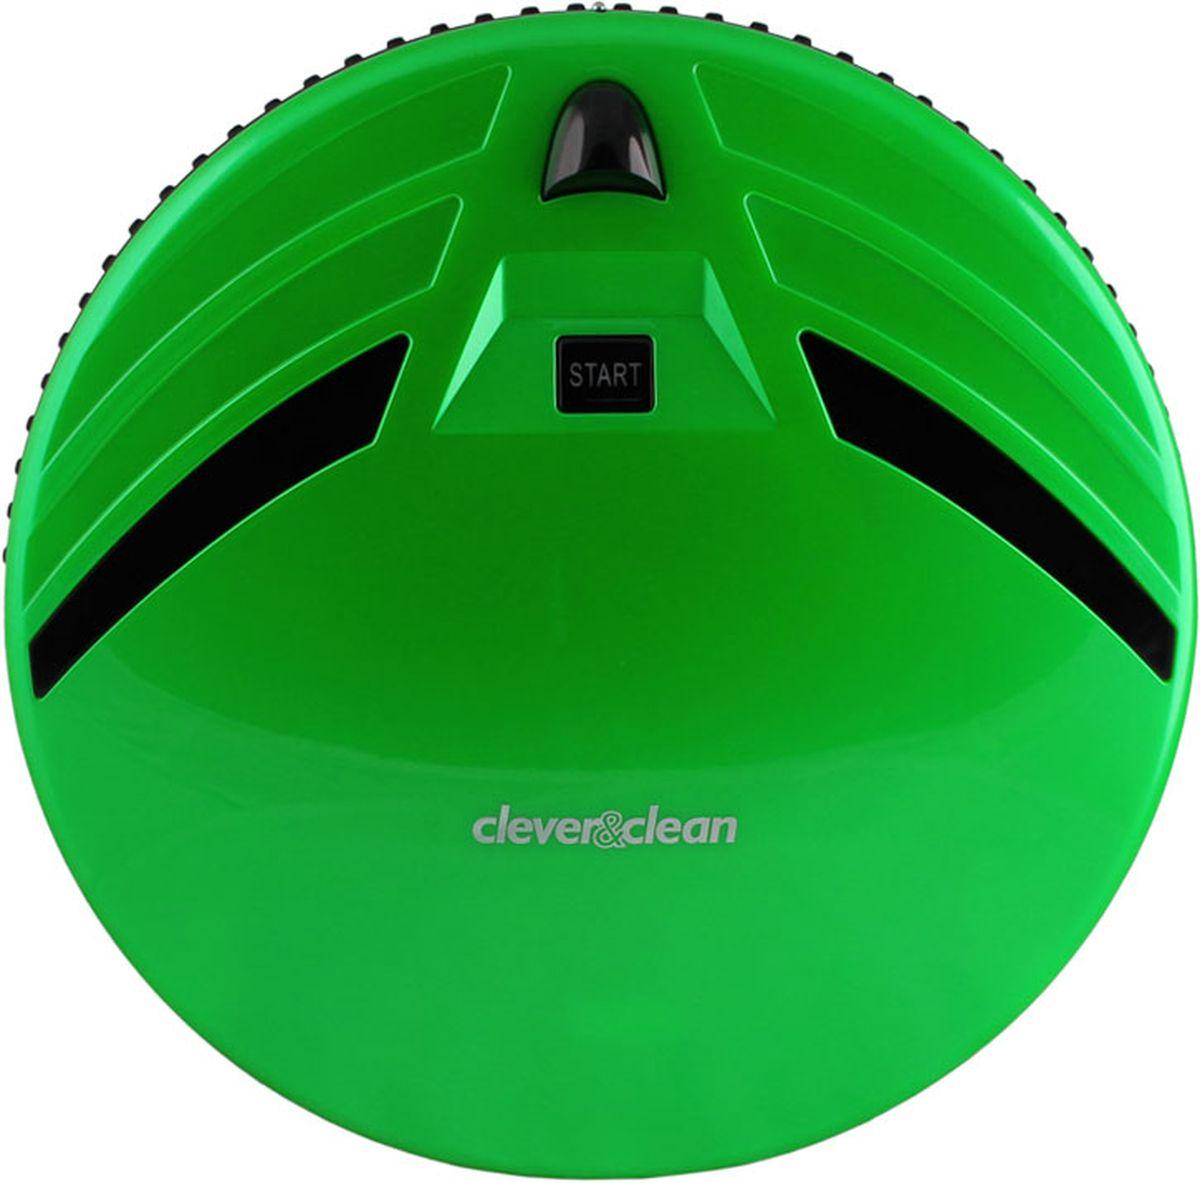 Clever&Clean Z-Series Z10A, Green робот-пылесосZ10 GreenРобот-пылесос С&С Z10A, предназначен для сухой уборки напольных покрытий: плитки, ламината, паркета, ковров с коротким ворсом, а также влажной протирки твердых поверхностей. Передняя часть робота оснащена сенсорами предотвращающими столкновение с мебелью и другими предметами интерьера, а также 80-ю датчиками распознающими соприкосновение – это позволяет снизить уровень шума во время уборки помещения и минимизировать физический контакт робота с мебелью. Удобный пульт управления работает на радио частотах, что позволяет управлять роботом-пылесосом практически из любой части квартиры (сигнал проходит сквозь стены). Также пульт оснащен информативным ЖК дисплеем и предоставляет возможность производить ручное управление роботом-пылесосом для вывода его в любое место в квартире.